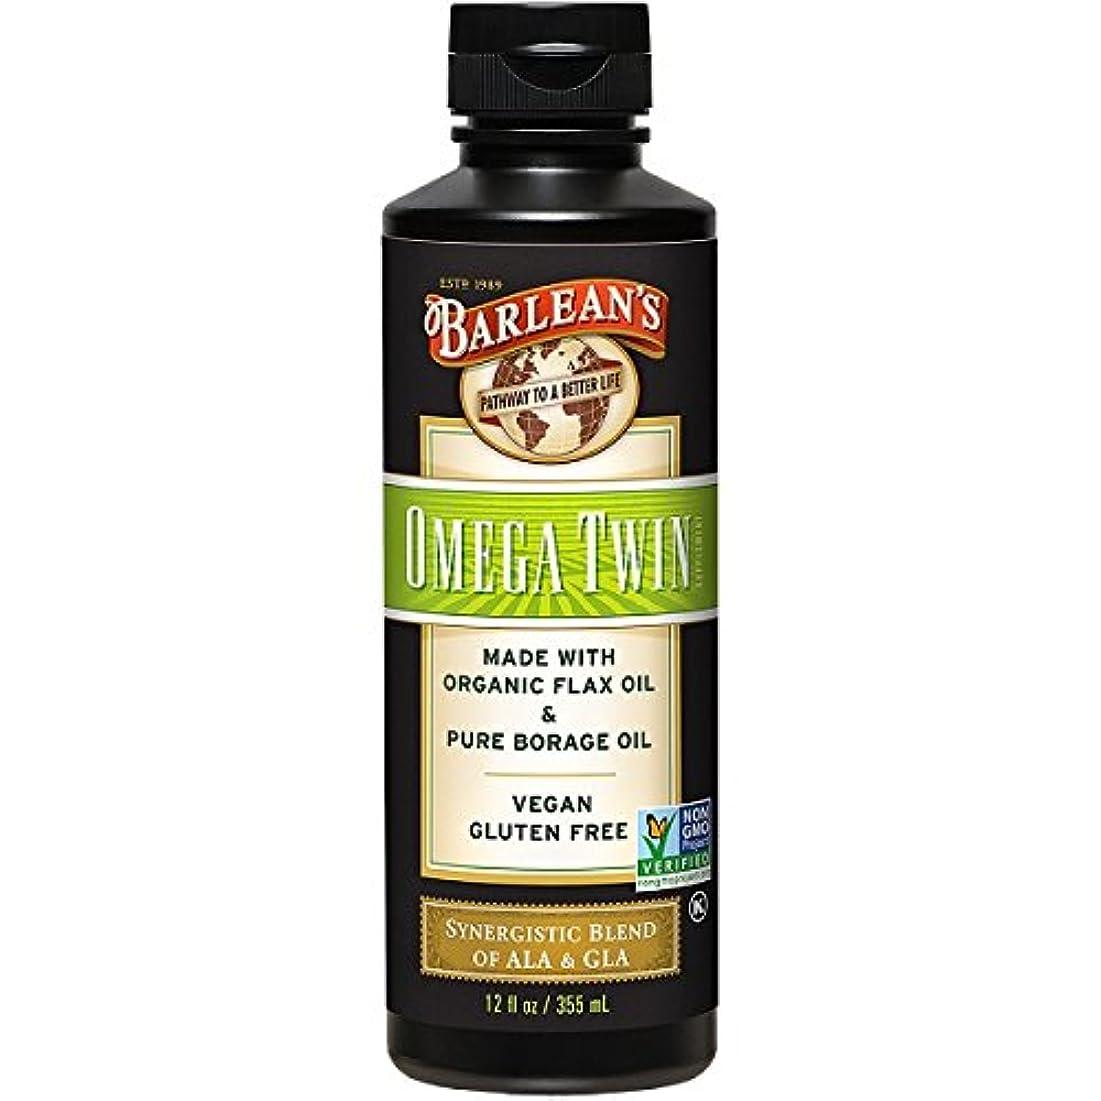 リーフレット取り扱いとらえどころのないBarlean's, Omega Twin, Complete 3-6-9 Nutrition, 12 fl oz (350 ml)